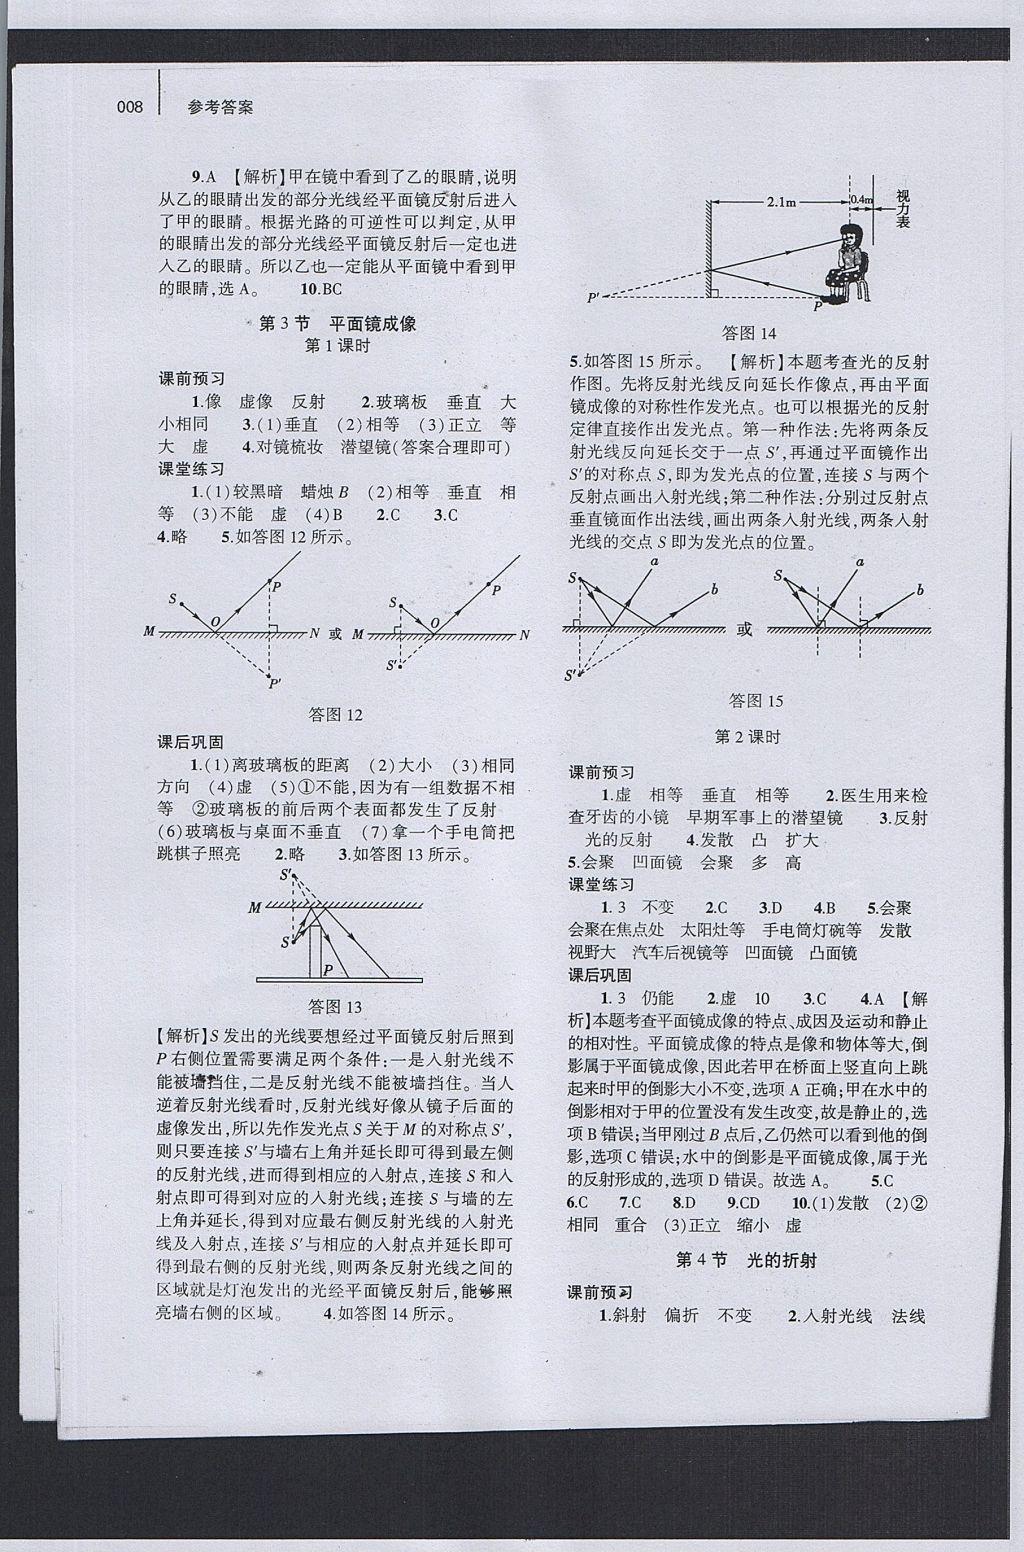 2017年基础训练八年级物理上册人教版大象出版社参考答案第8页